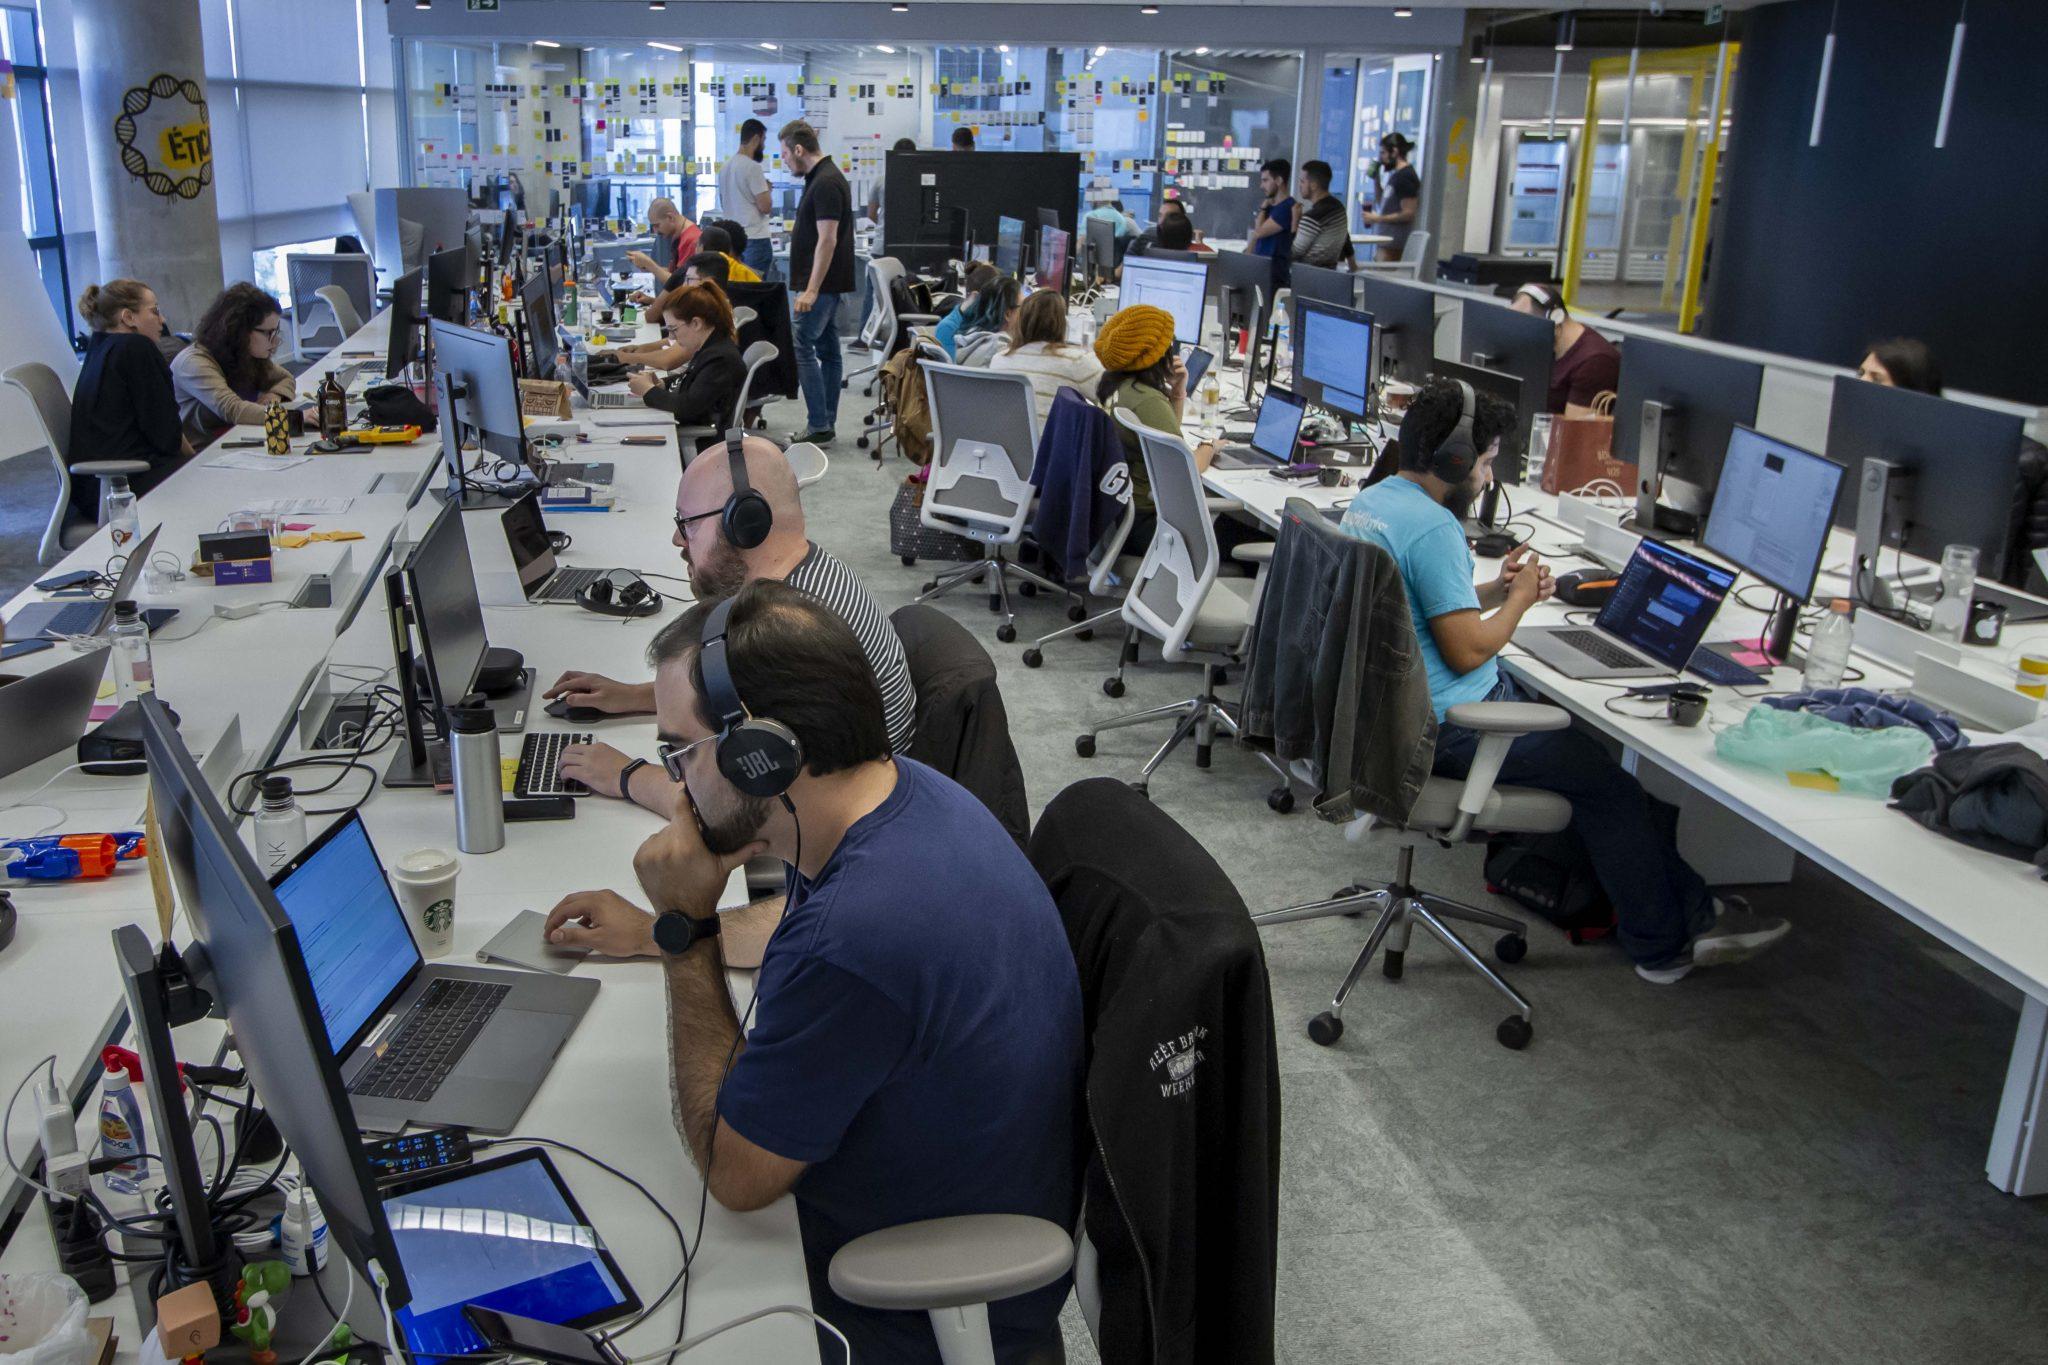 funcionários c6 bank trabalhando computadores